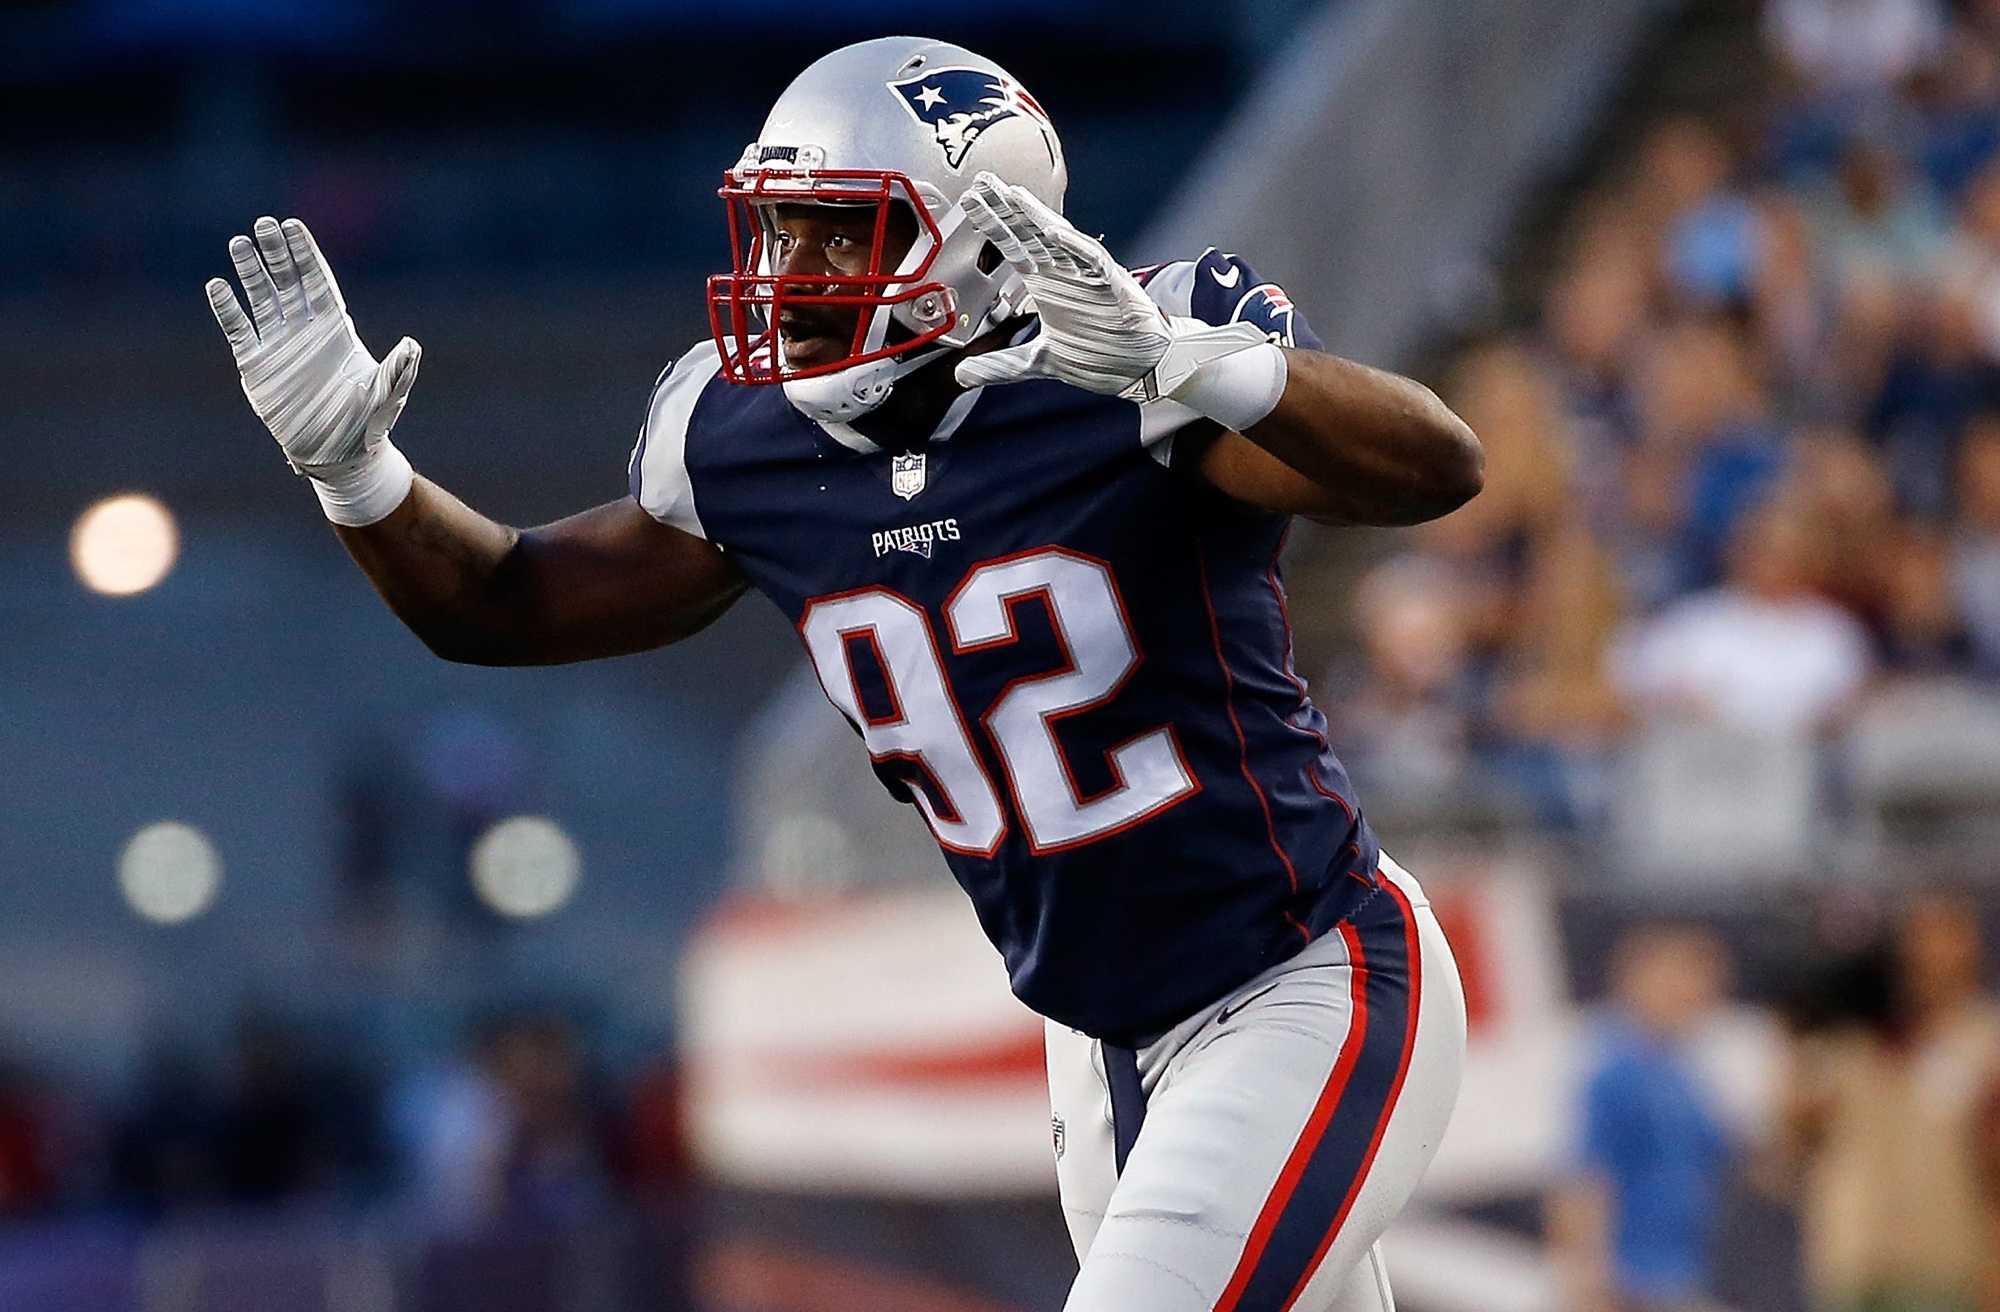 Profeco interviene tras quejas por venta de boletos para juego de NFL